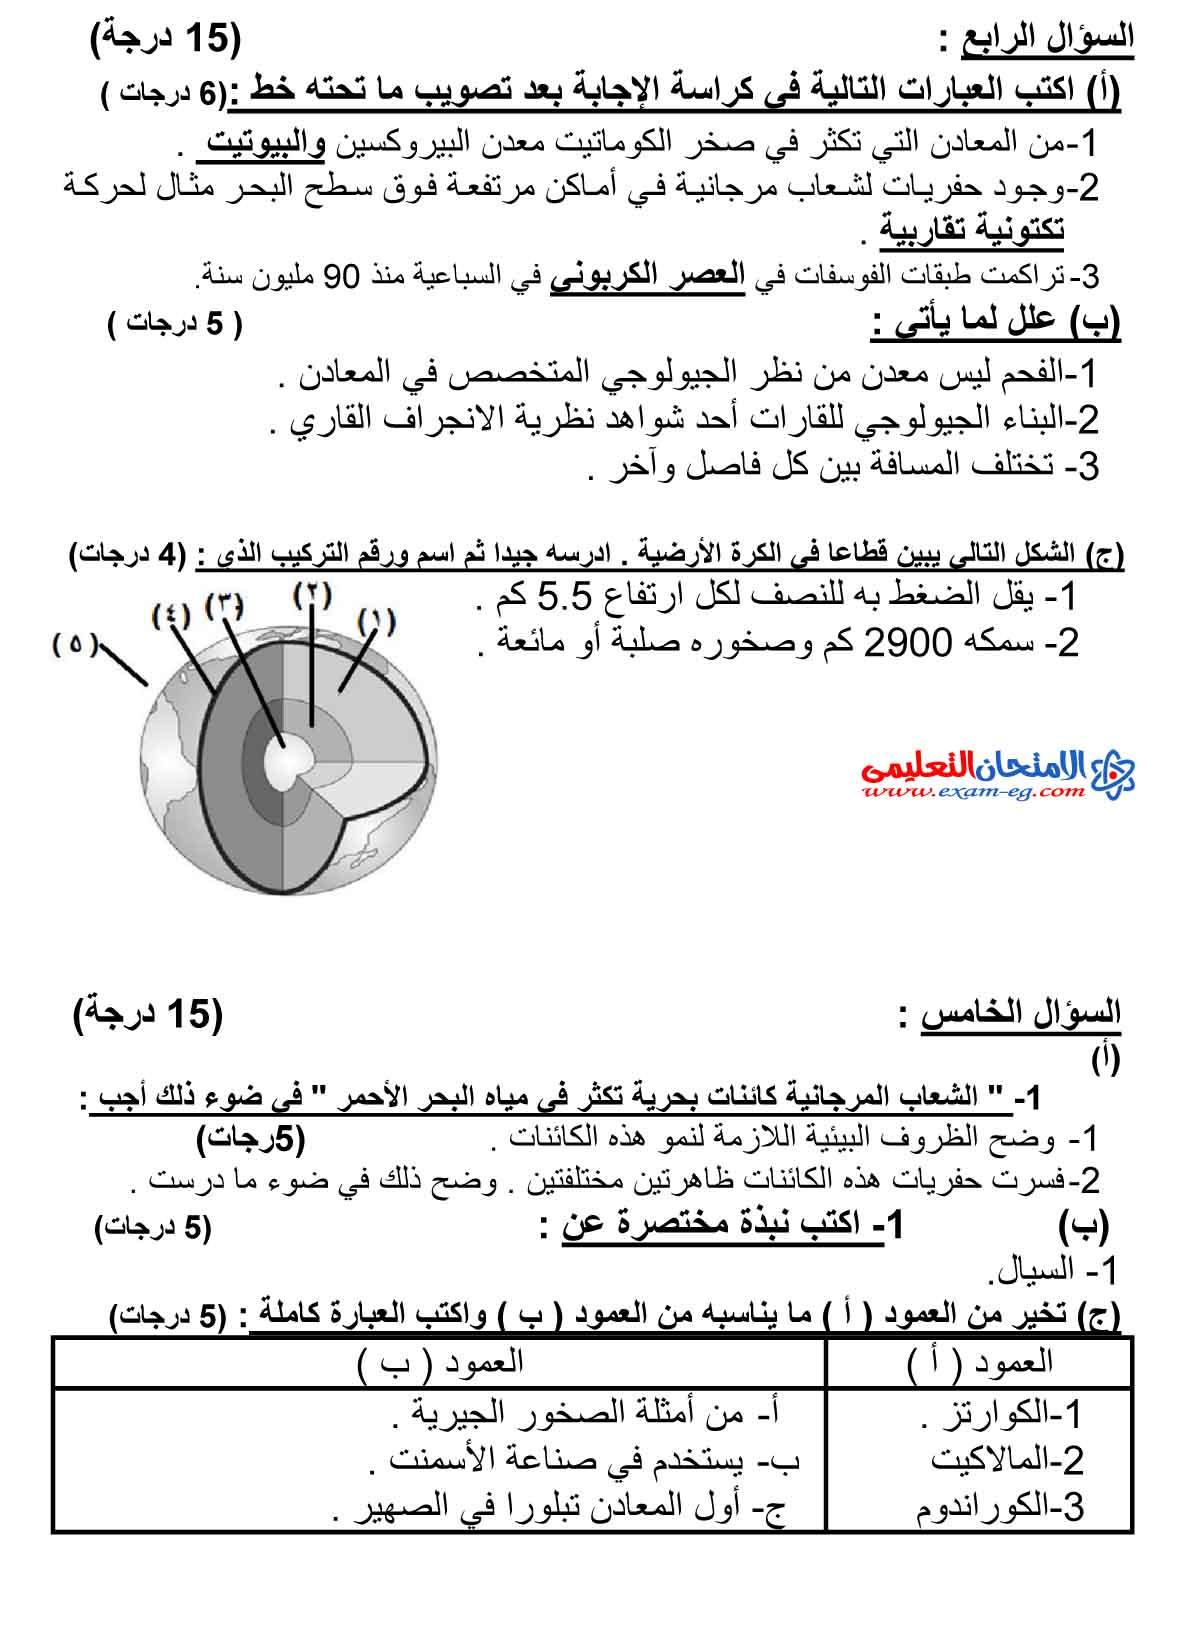 جيولوجيا وعلوم بيئية 4 - مدرسة اون لاين-3